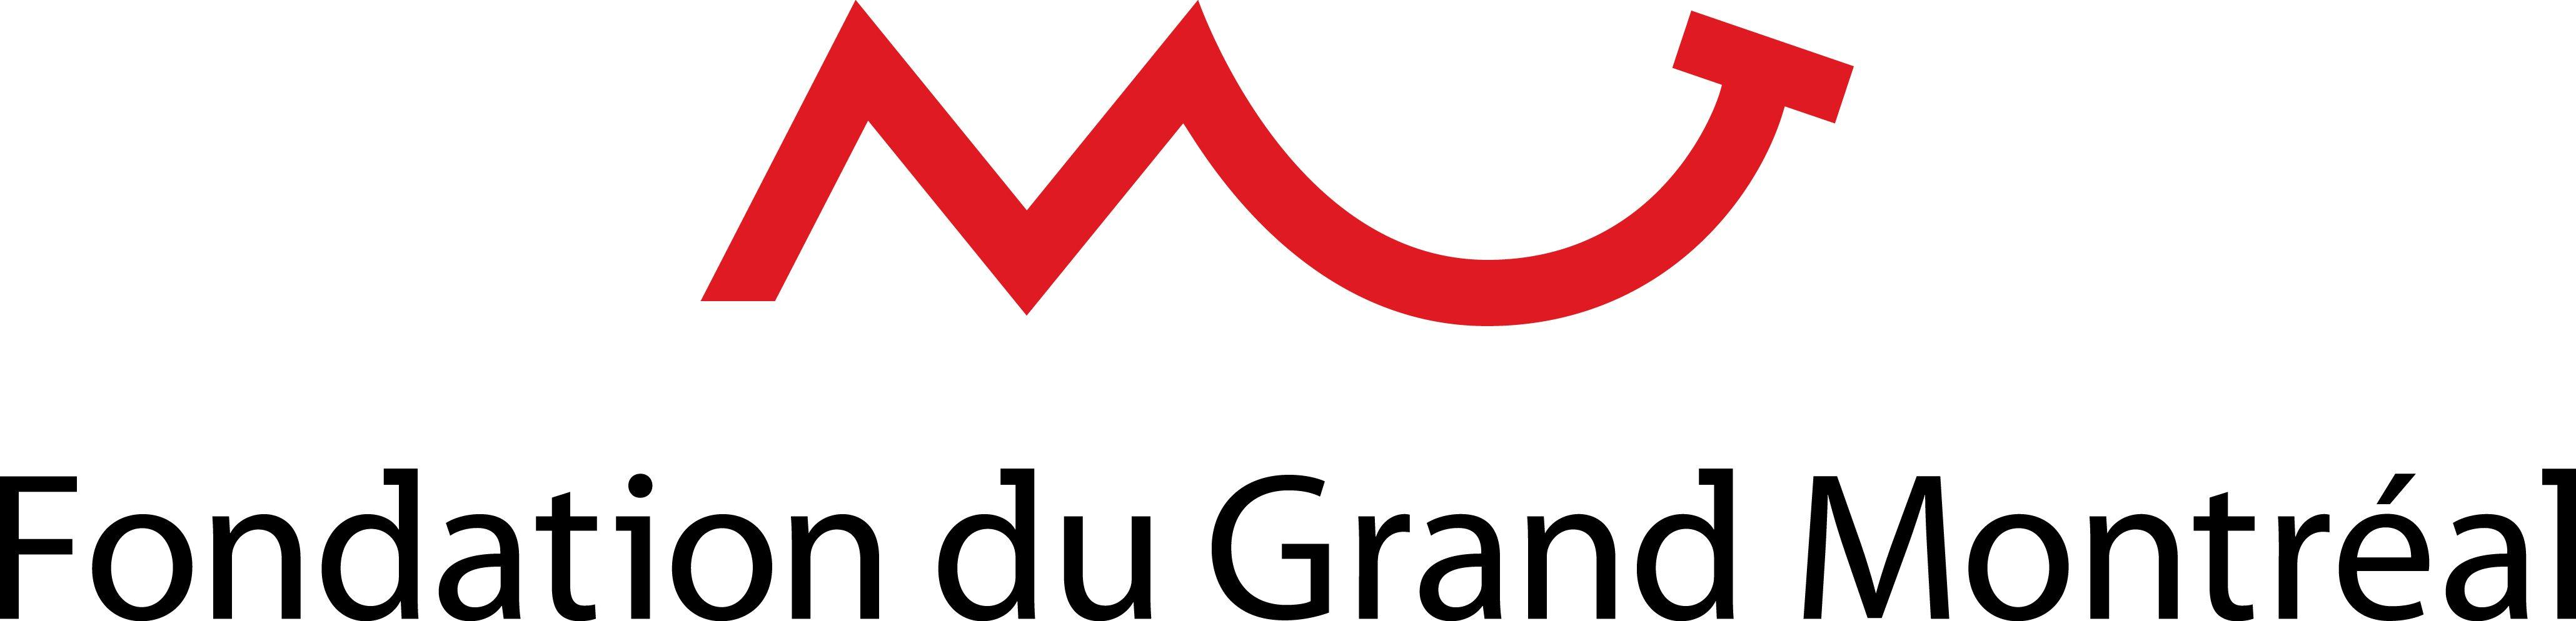 Fondation du grand Montréal